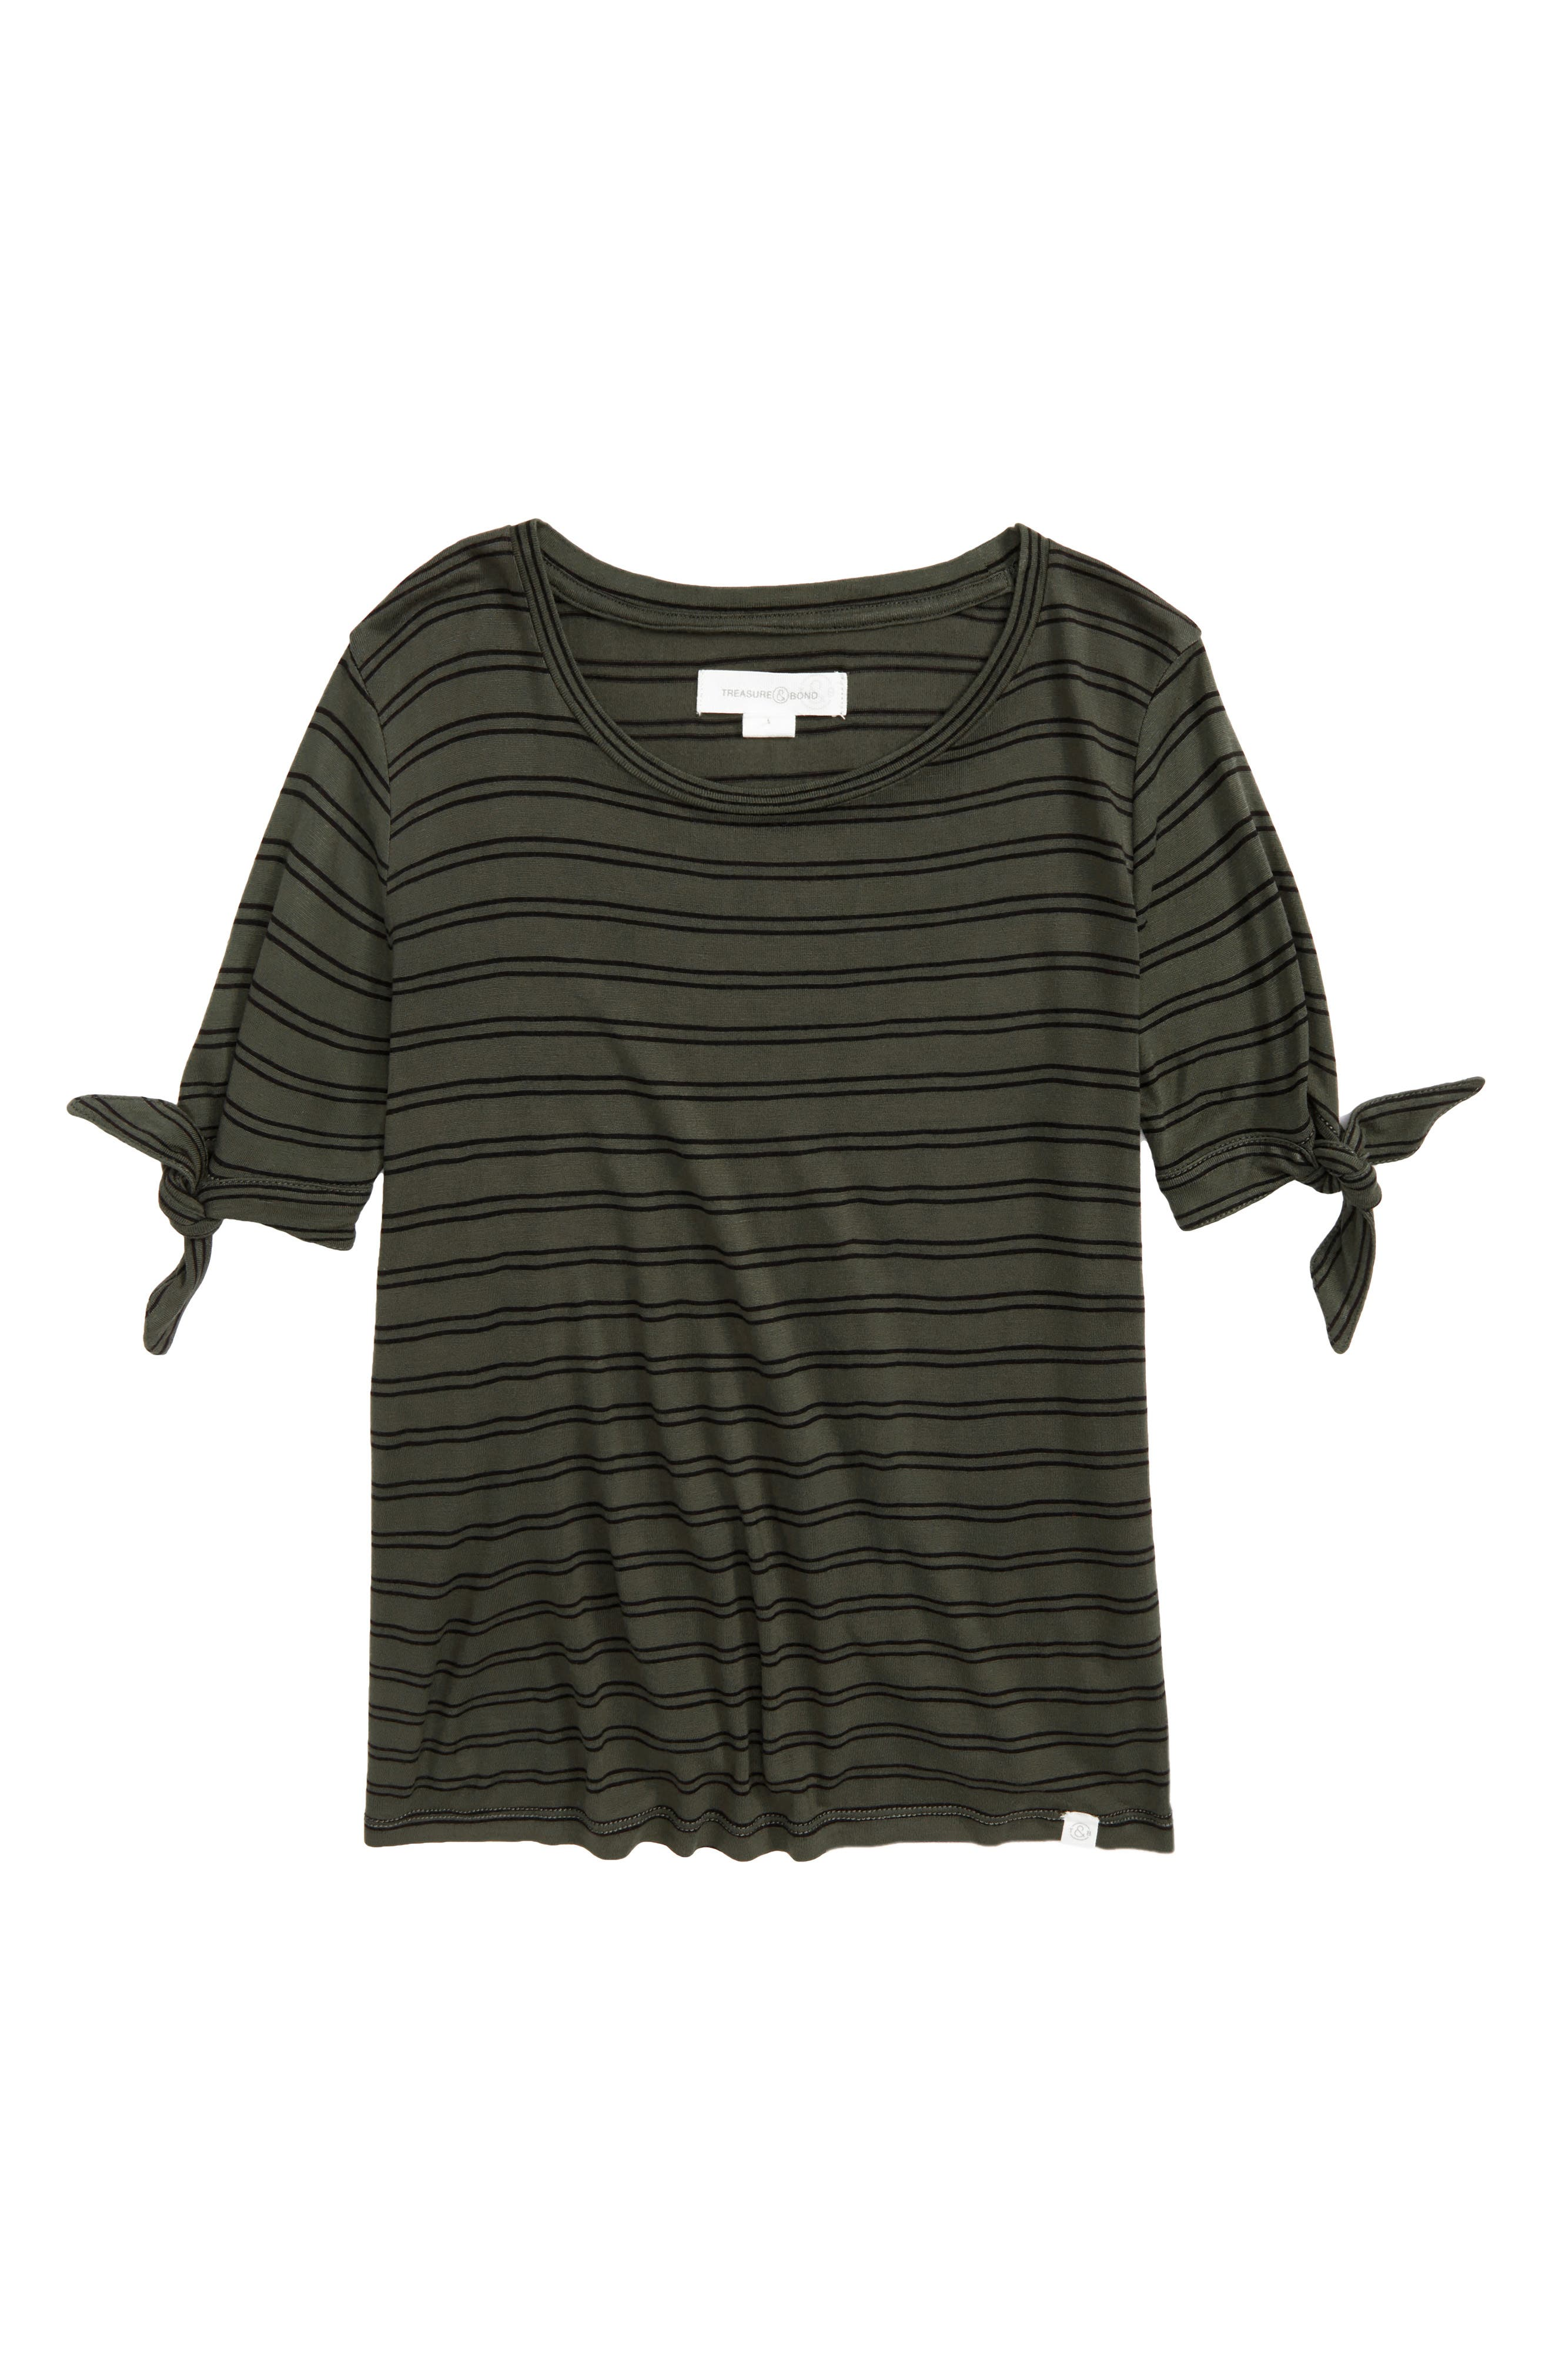 Tie Sleeve Tee,                             Main thumbnail 1, color,                             Olive Sarma- Black Stripe